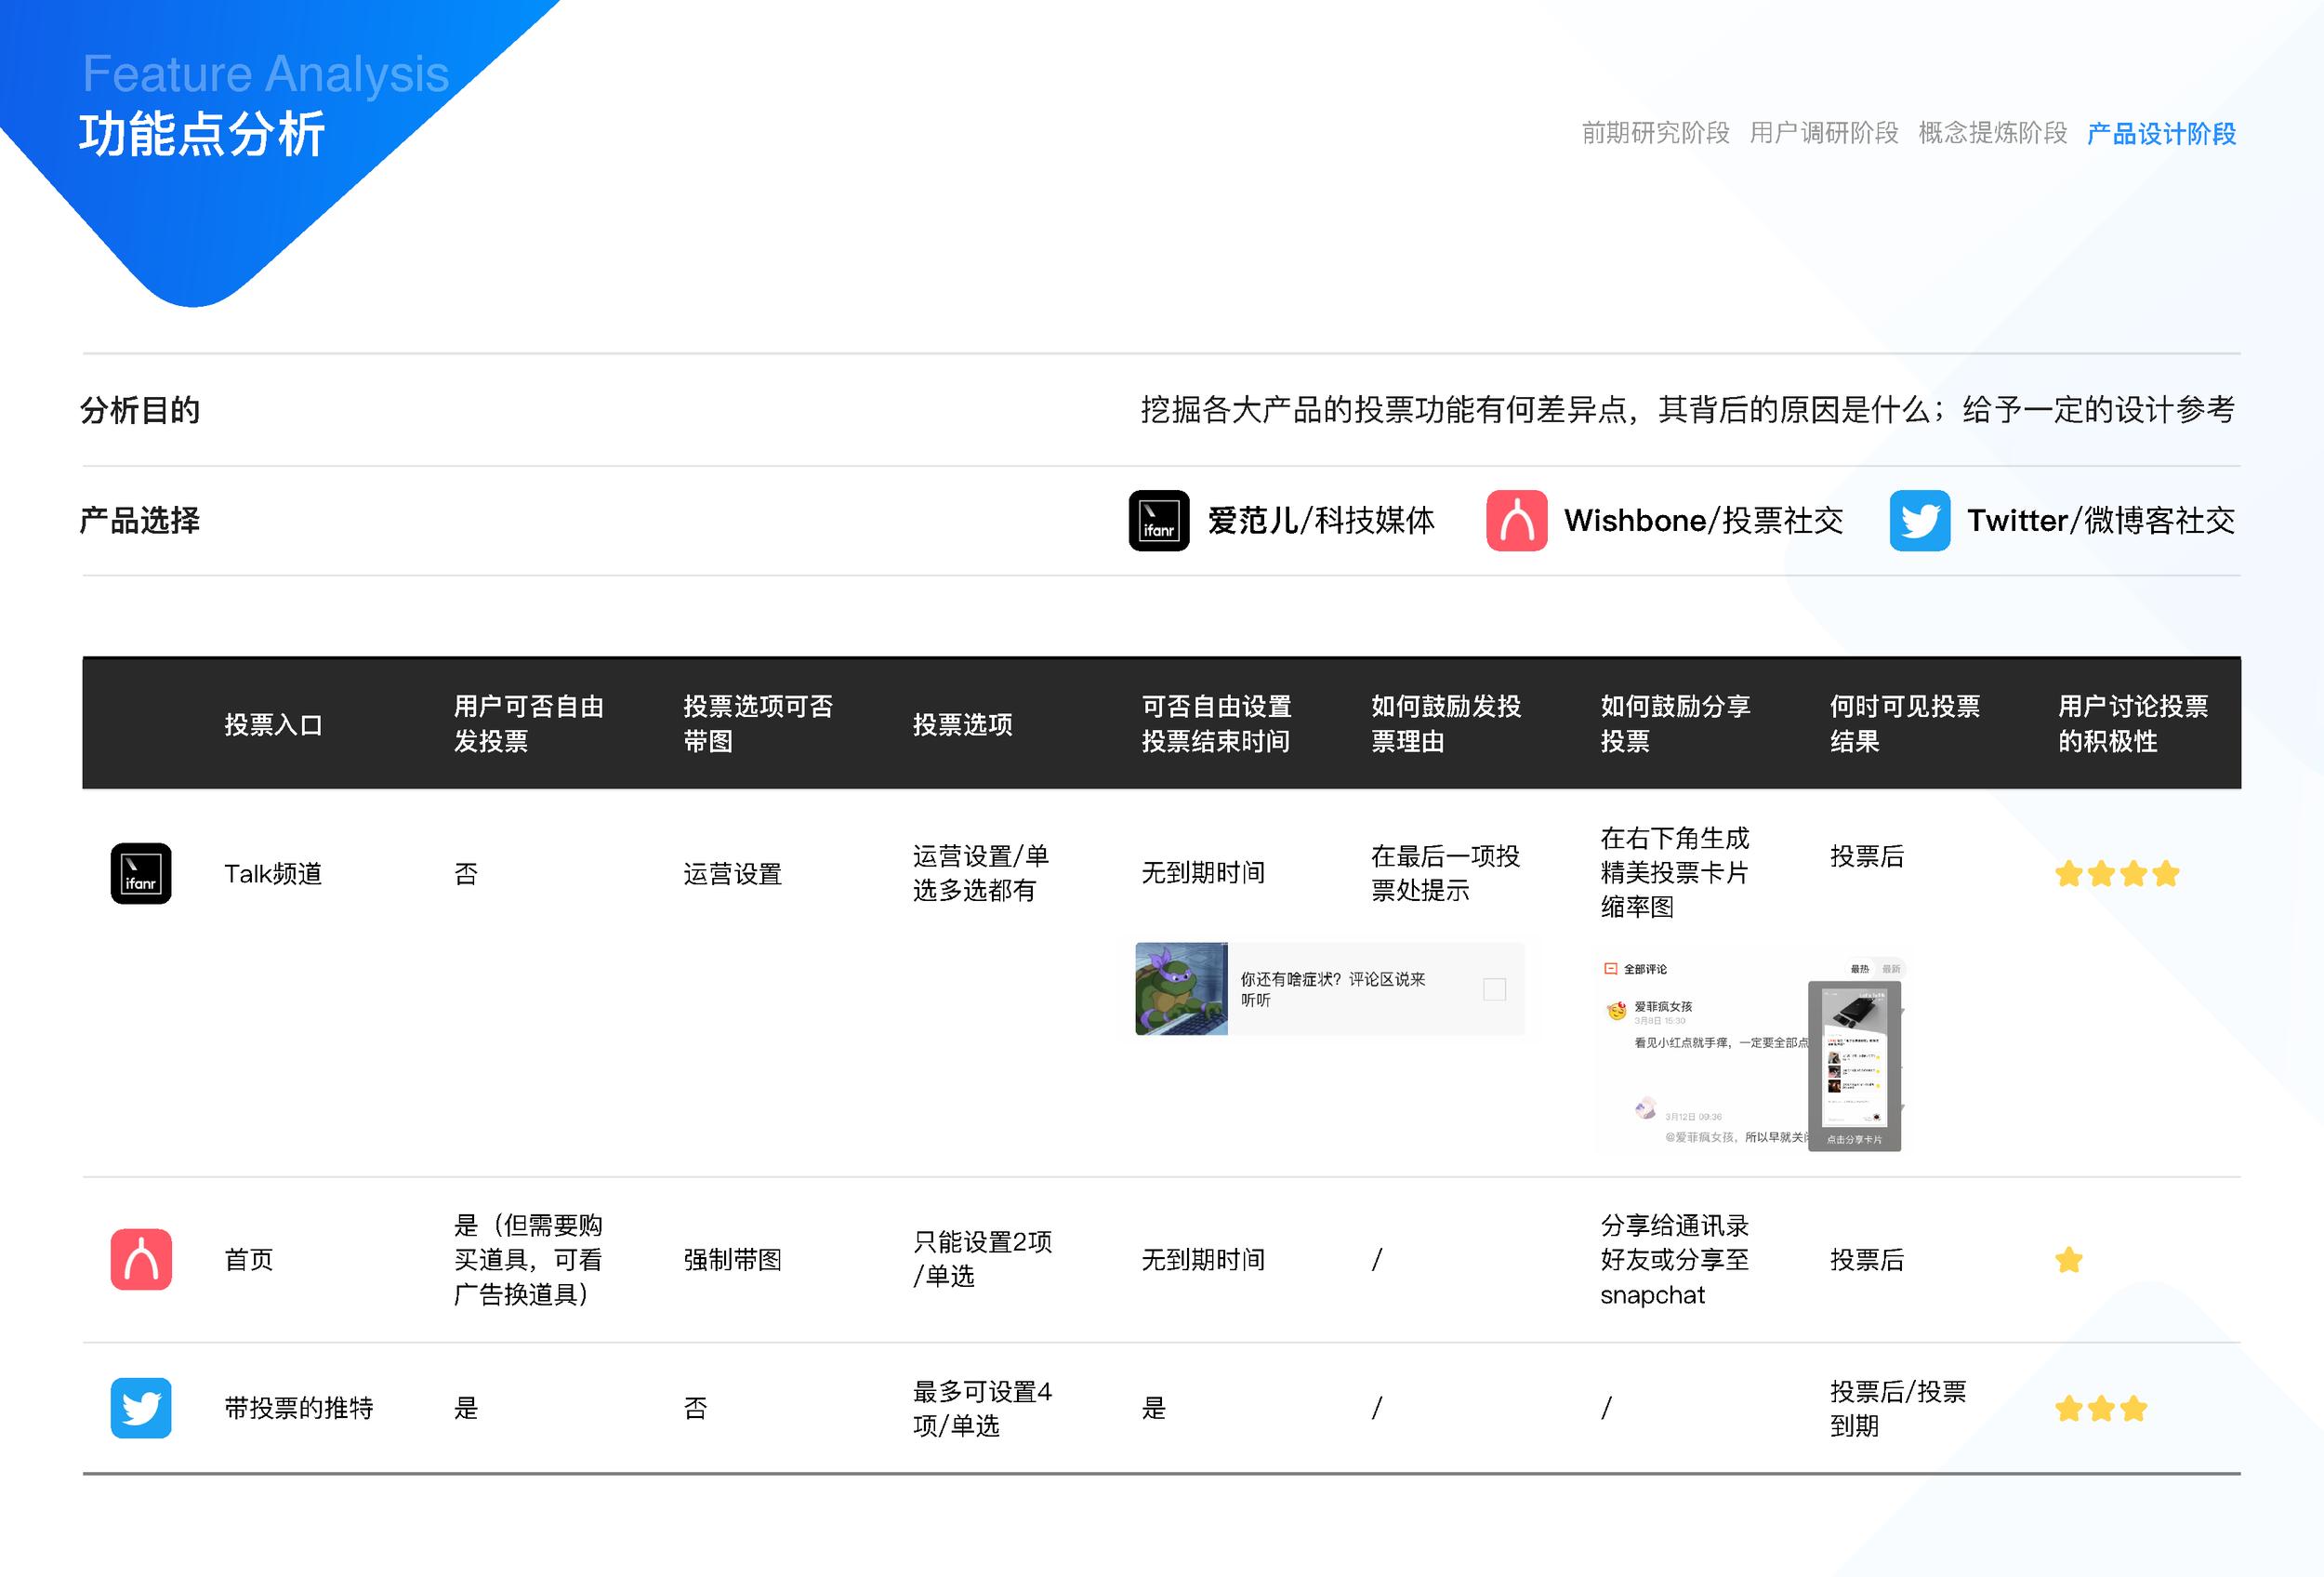 闲鱼社区互动设计(17小组油猫饼)_页面_20.png